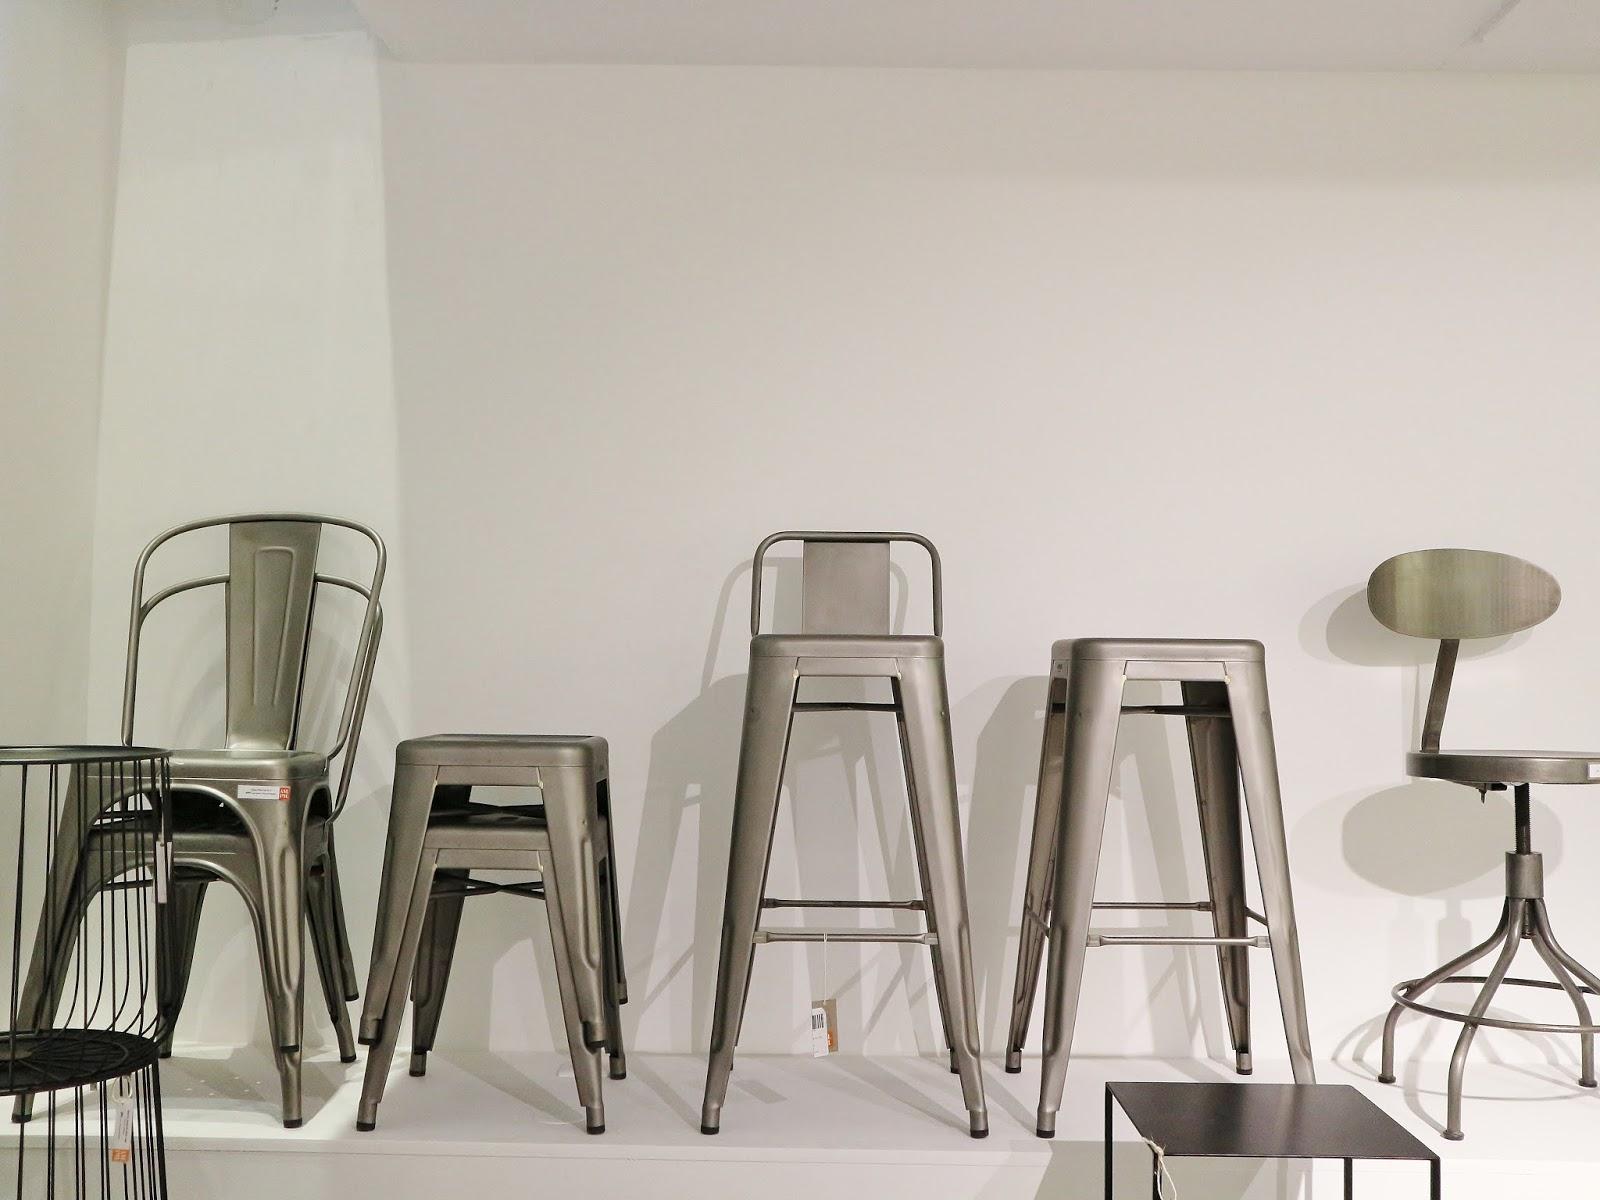 atelier rue verte le blog paris ouverture de l 39 appartement boutique am pm. Black Bedroom Furniture Sets. Home Design Ideas